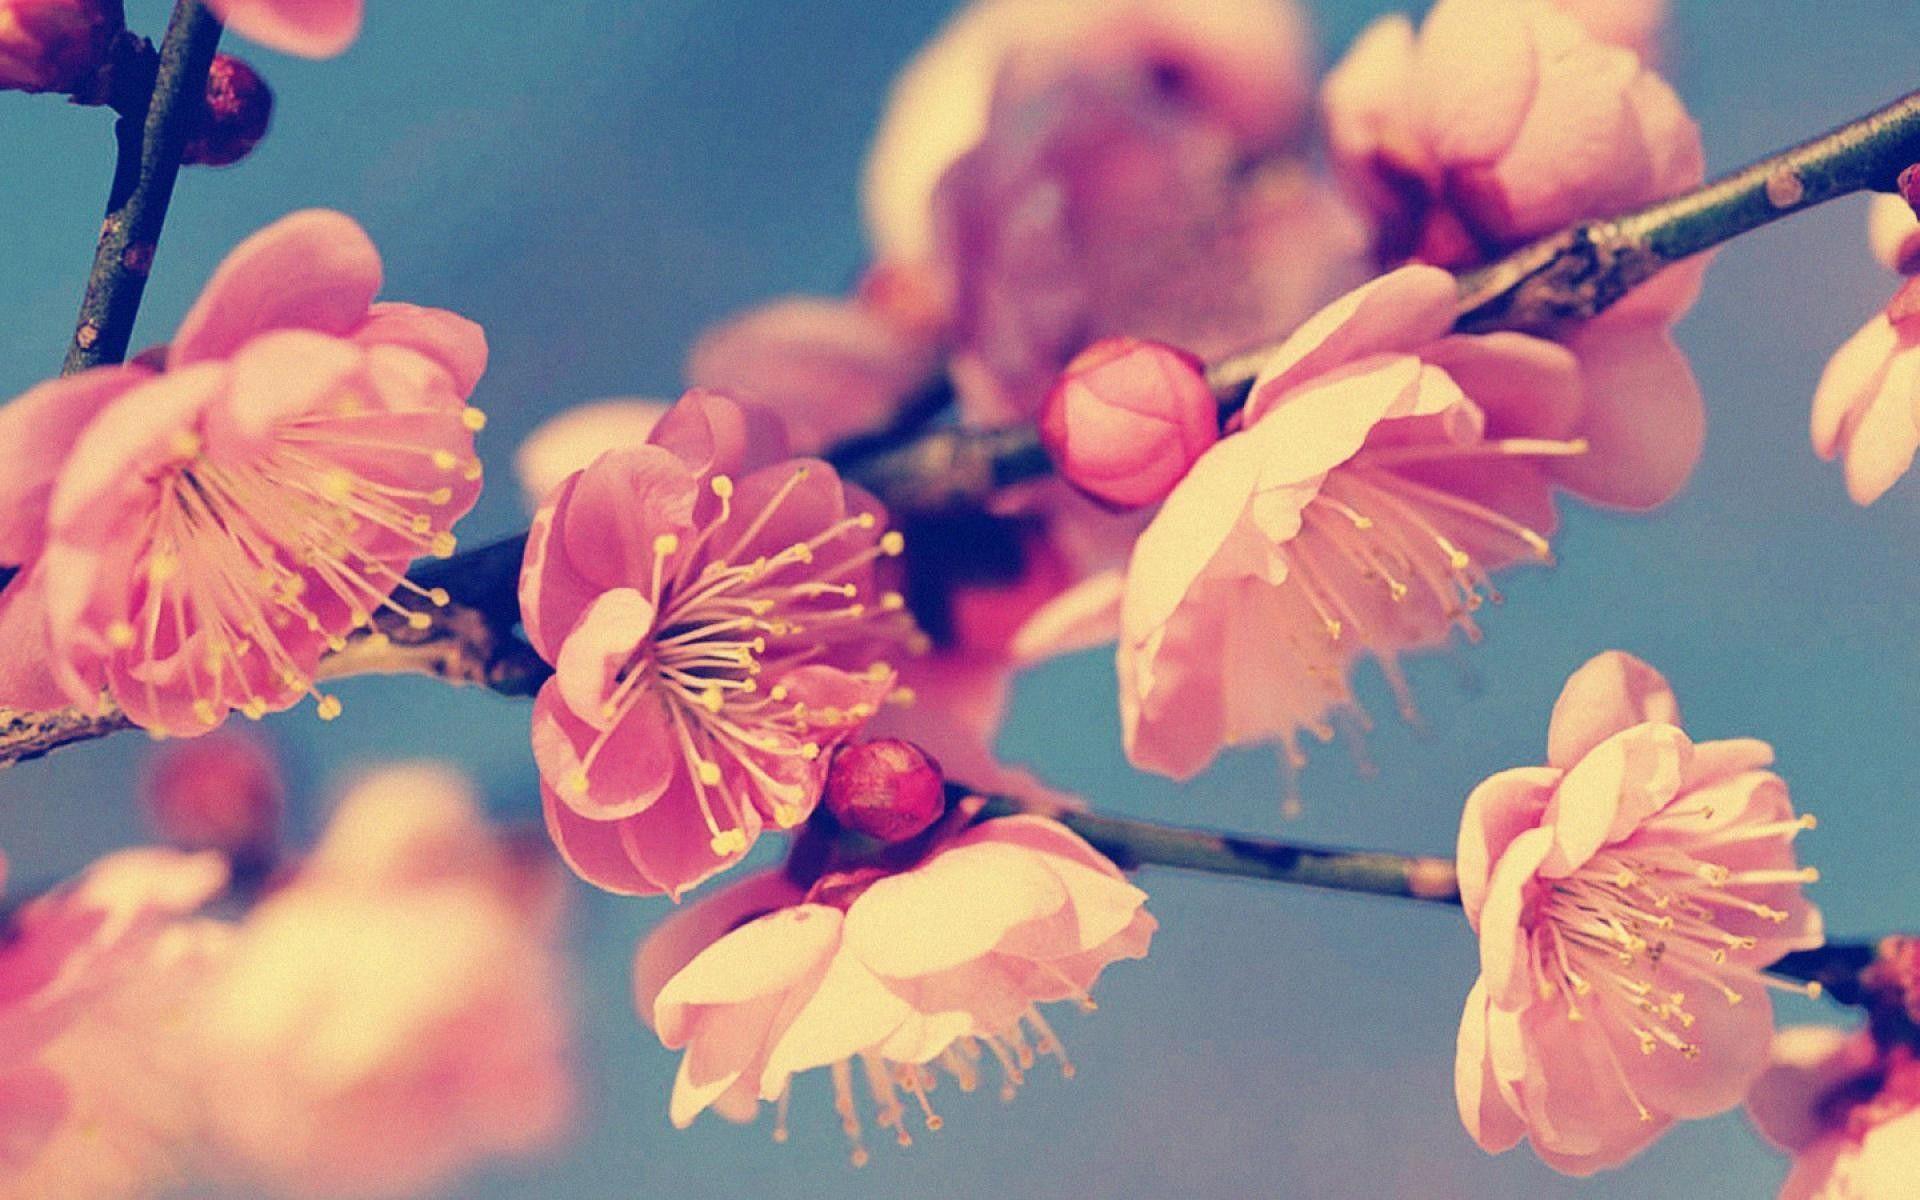 Flower Hd Wallpaper Free Download